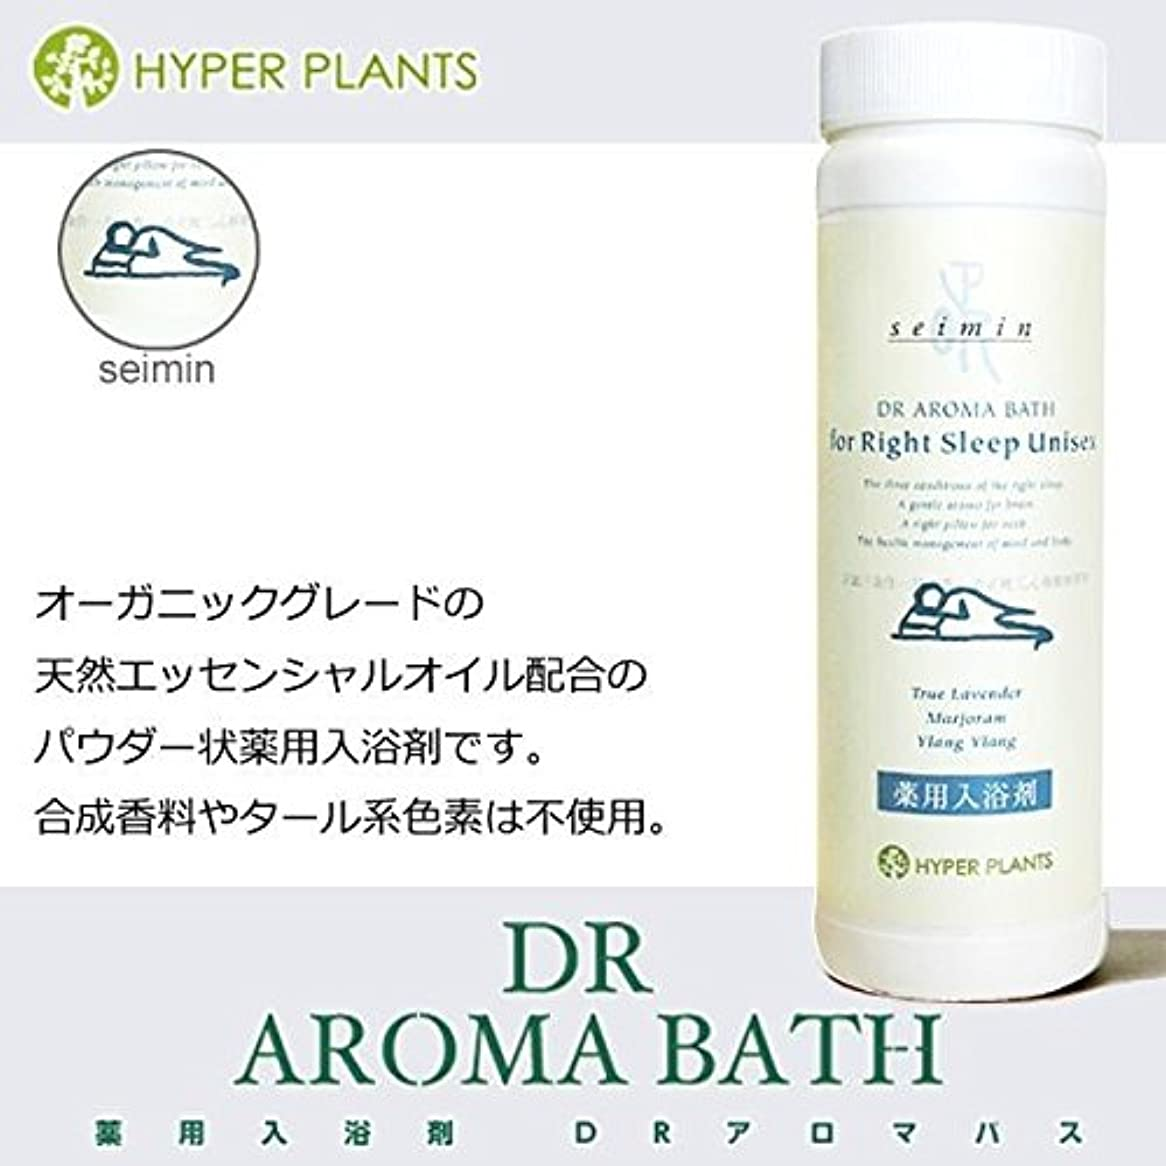 エール下る繁栄医薬部外品 薬用入浴剤 ハイパープランツ(HYPER PLANTS) DRアロマバス 正眠 500g HYB023